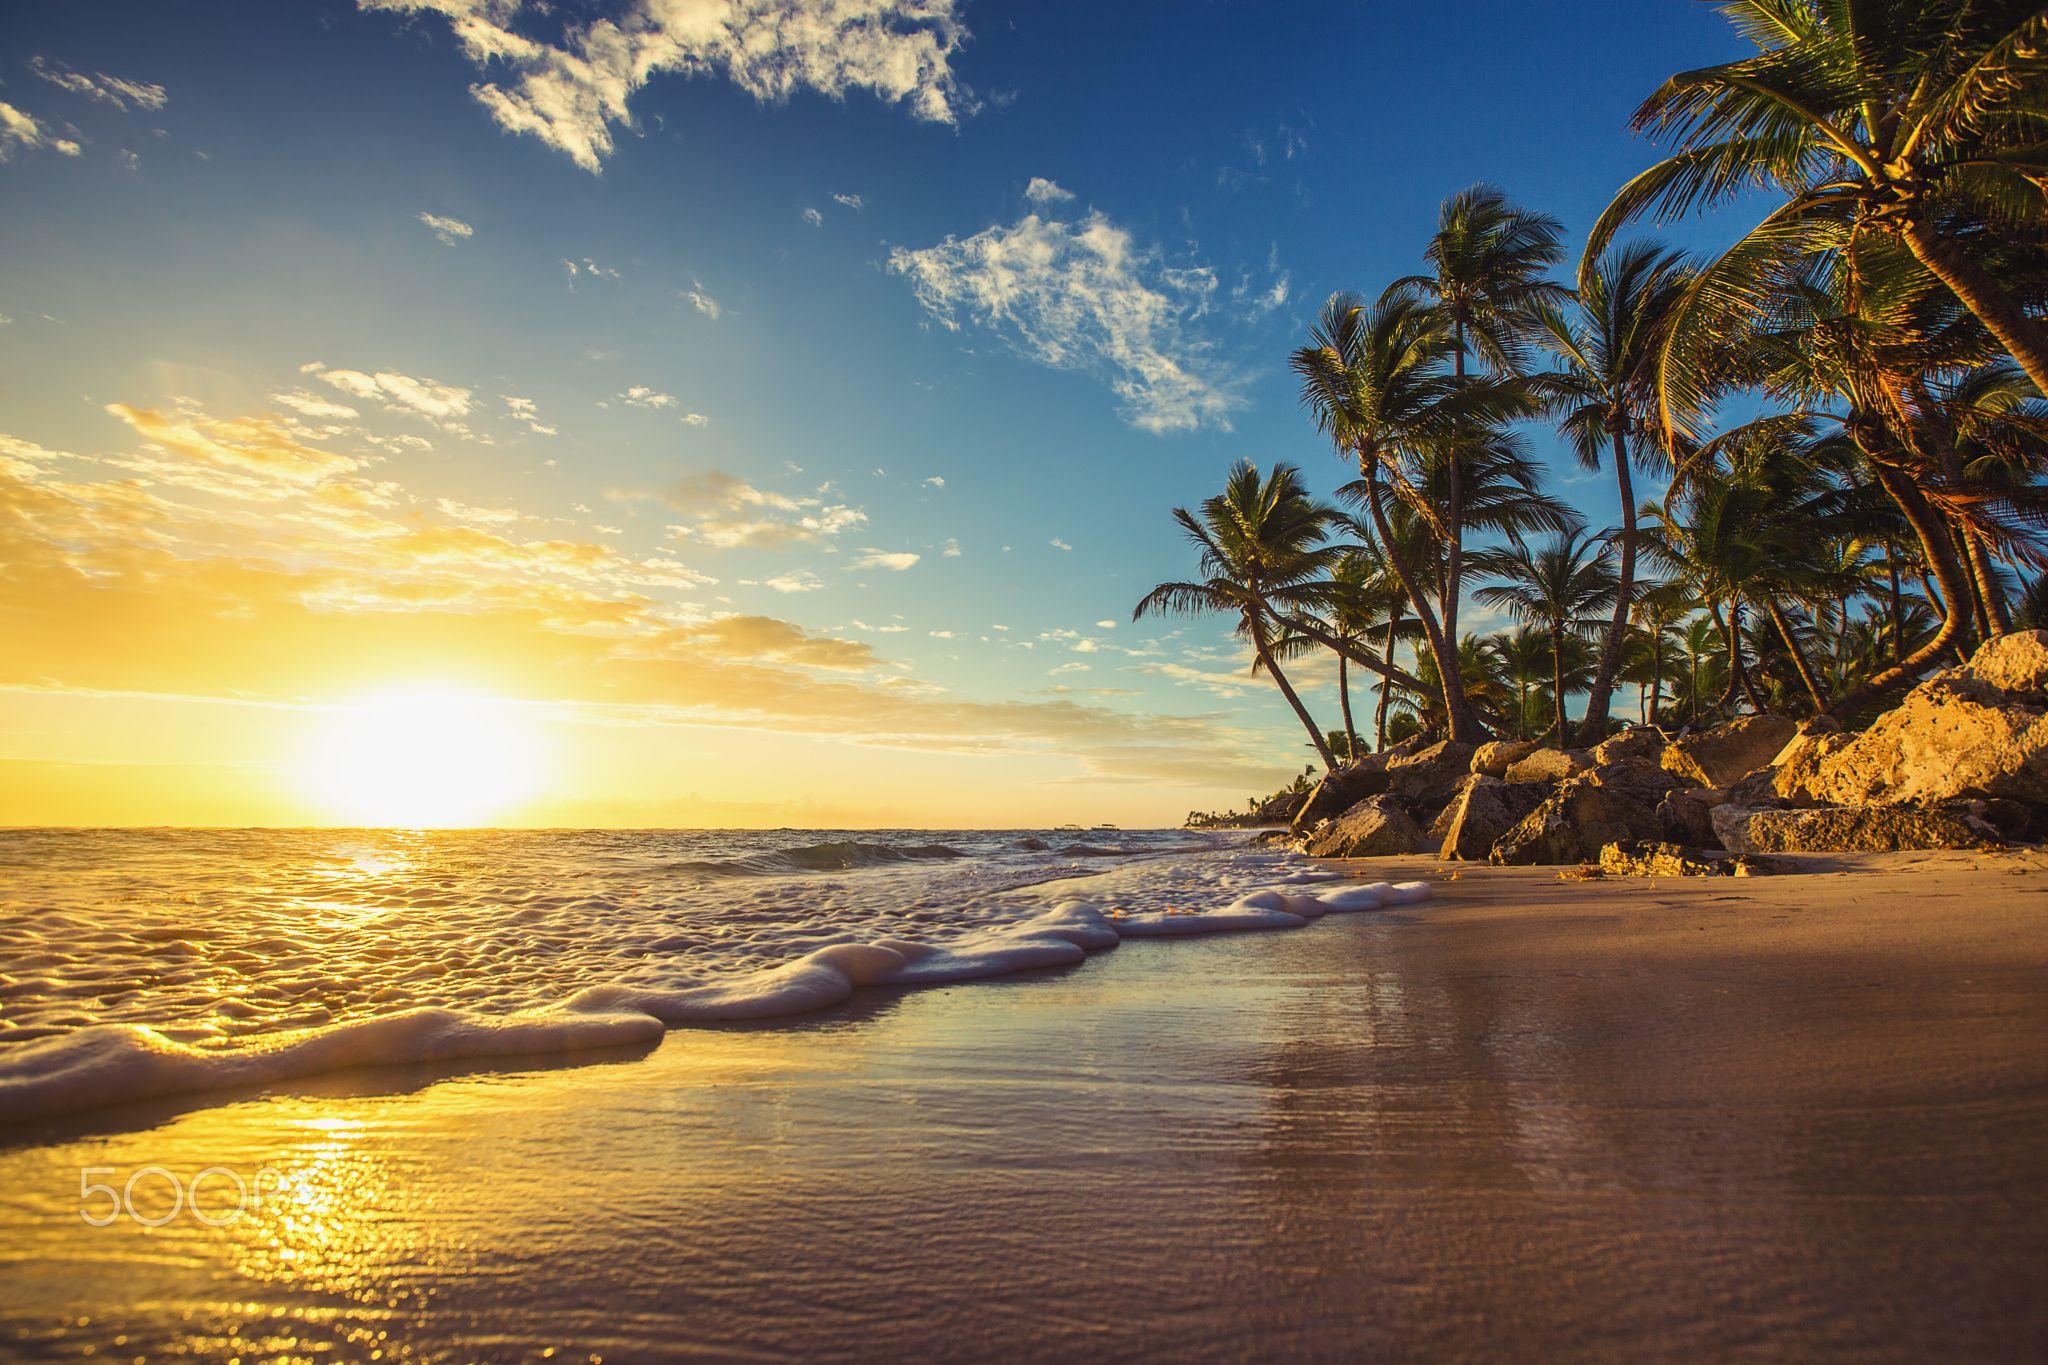 landscape of paradise tropical